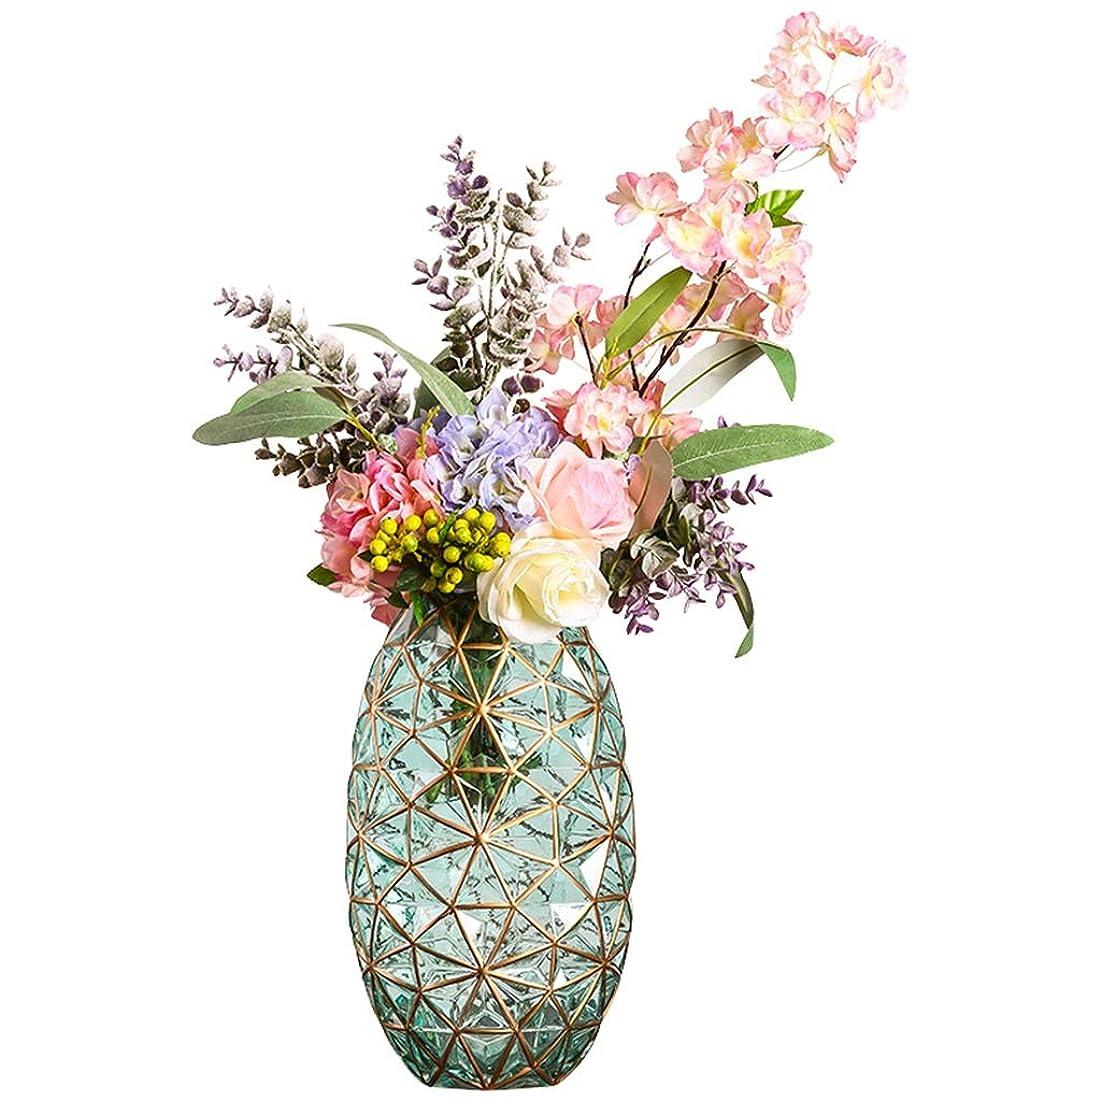 粗い飲料ローマ人花瓶 干し人工花のアレンジメントのためのヨーロッパスタイルのガラスの花瓶、屋内家庭リビングルームのテレビキャビネットディナー/コーヒーテーブル装飾装飾工芸、10x34cm